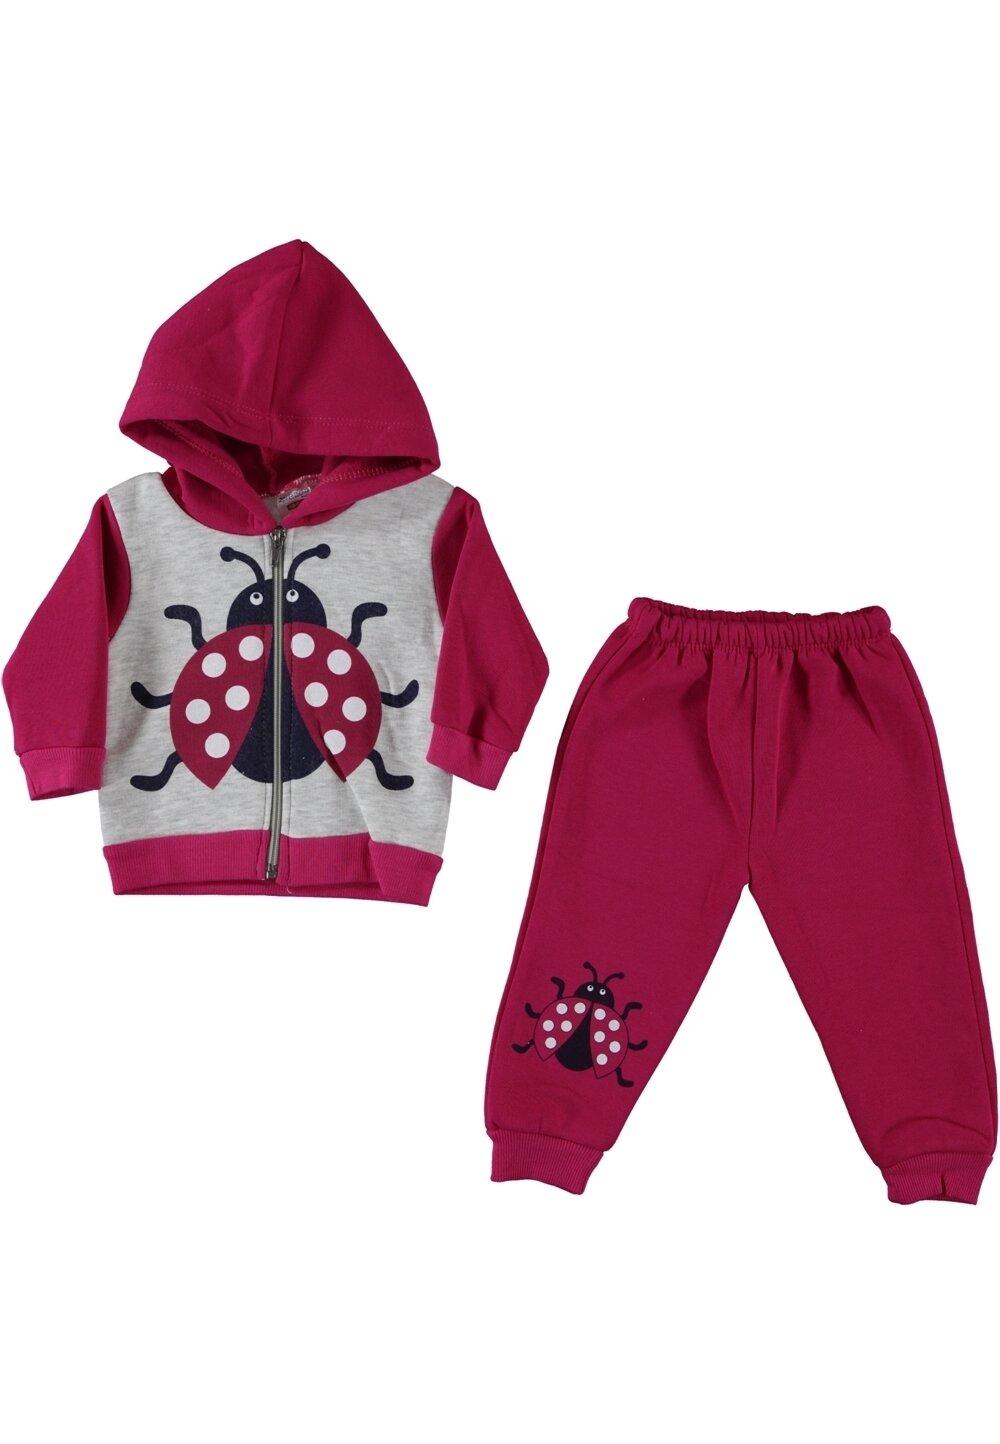 Trening bebe, Mamaruta, roz imagine